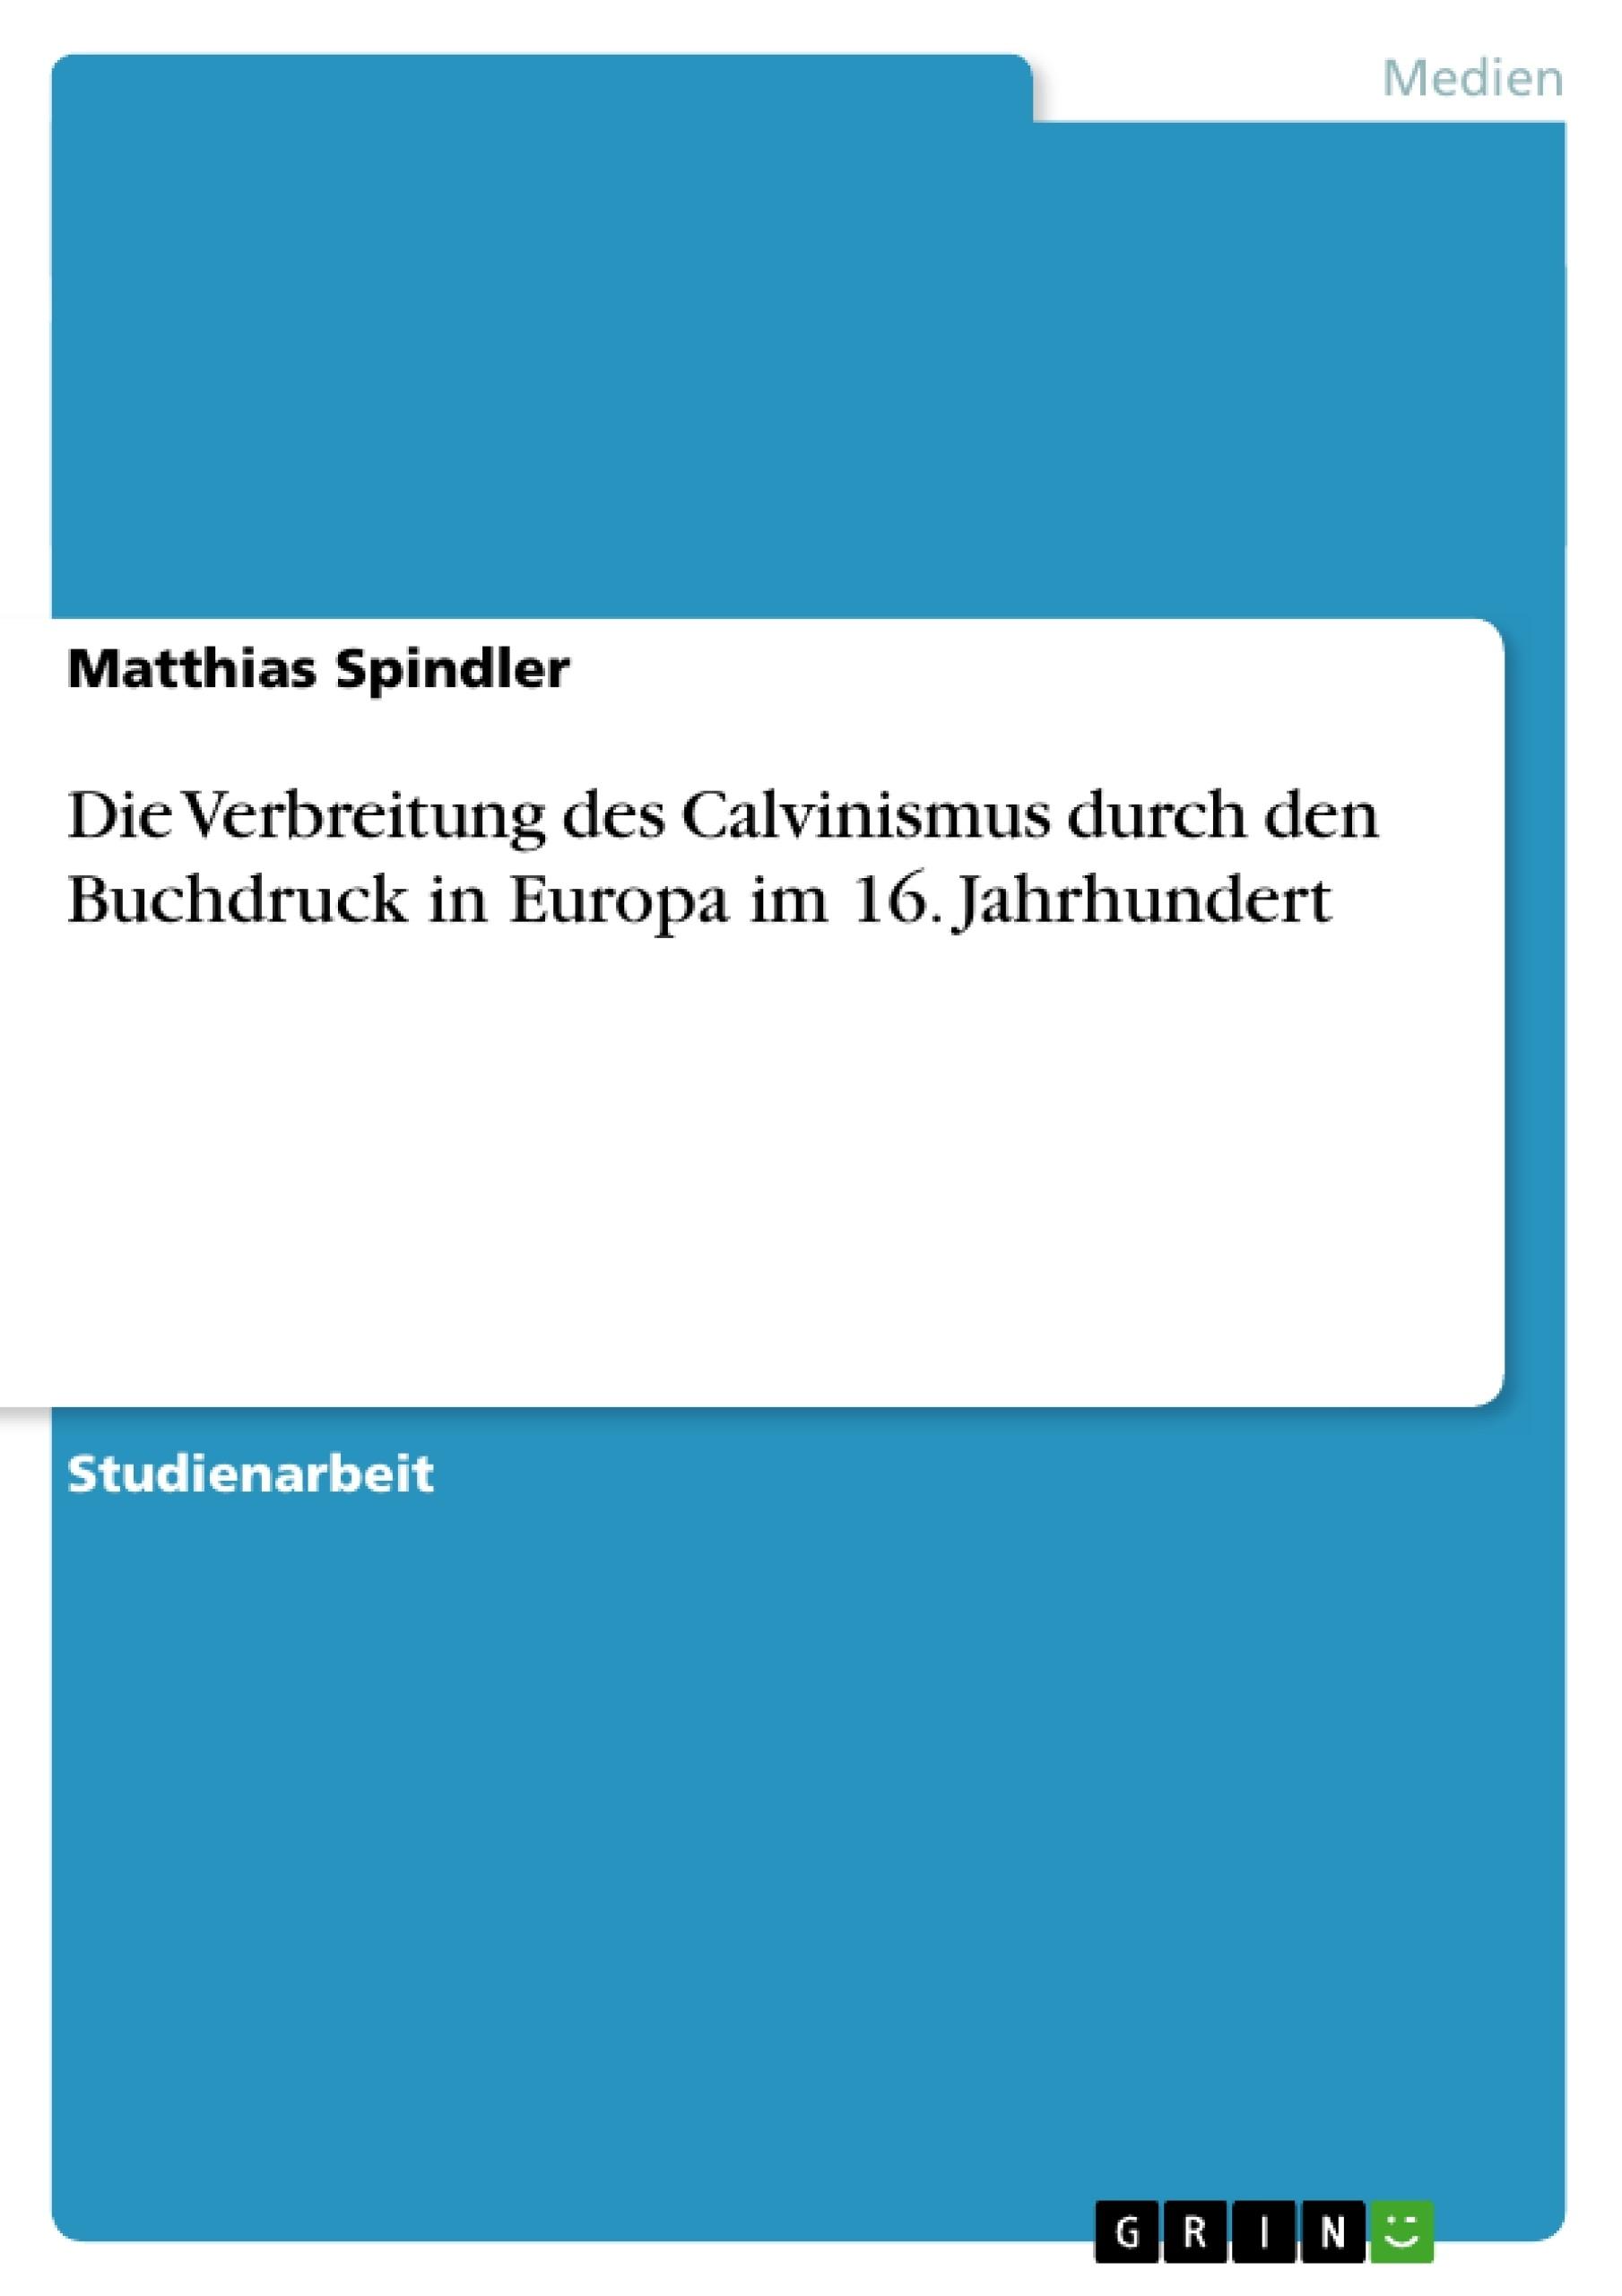 Titel: Die Verbreitung des Calvinismus durch den Buchdruck in Europa im 16. Jahrhundert